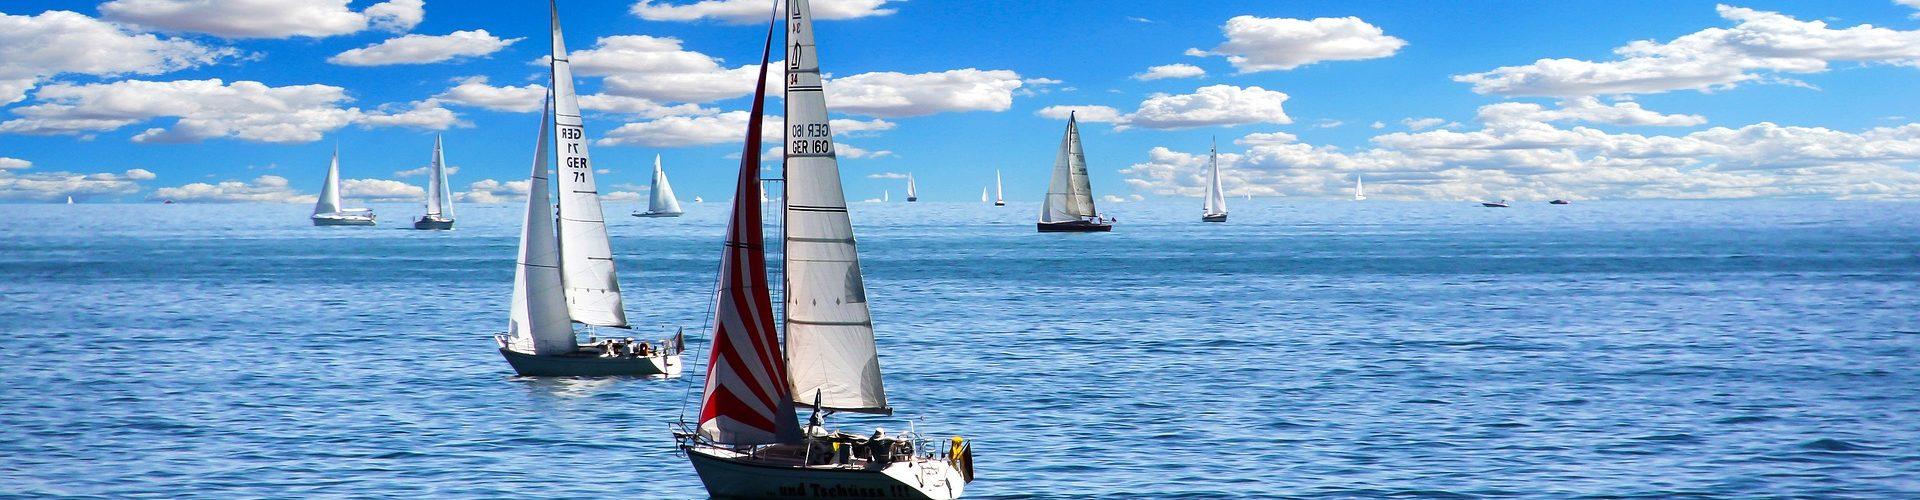 segeln lernen in Lathen segelschein machen in Lathen 1920x500 - Segeln lernen in Lathen